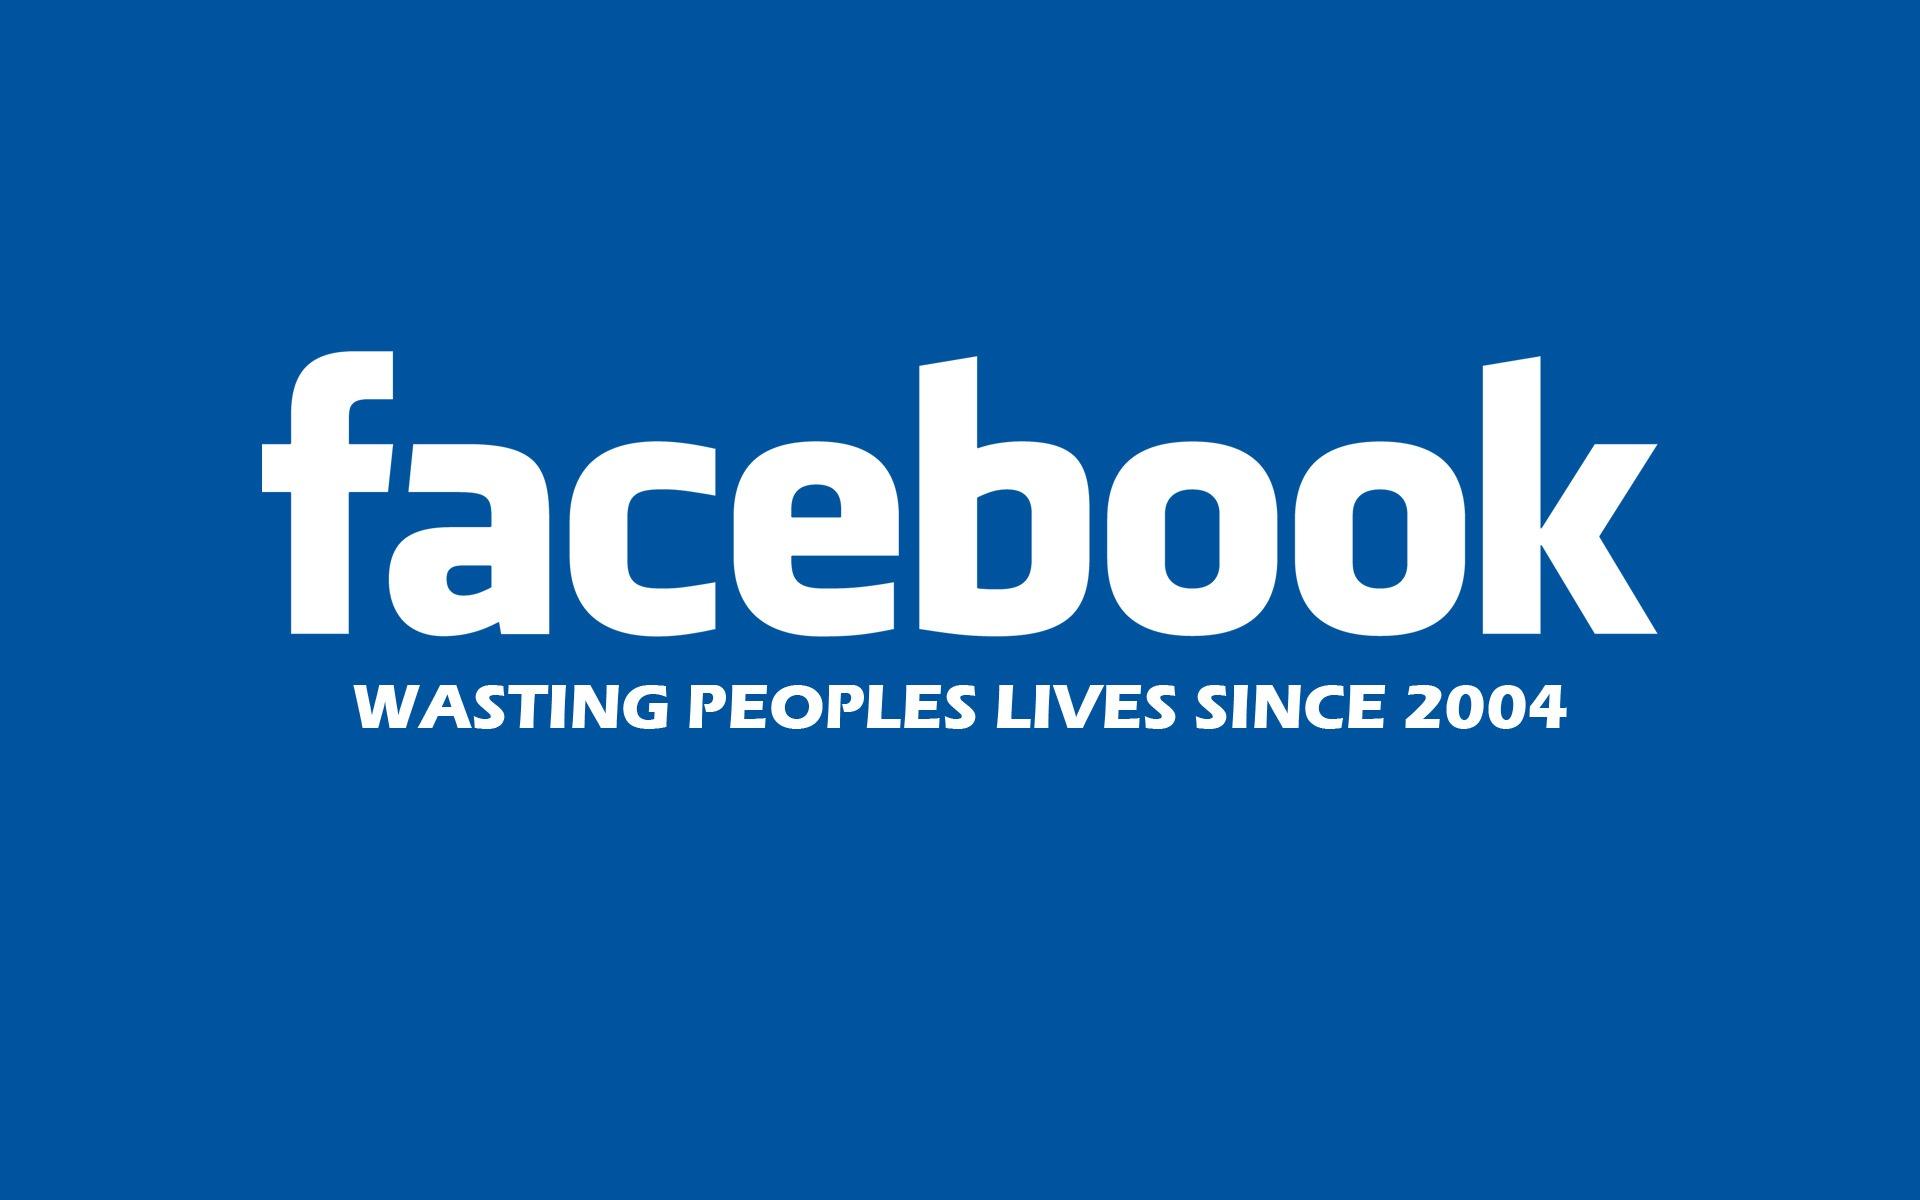 Funny Facebook Wallpaper 62721 1920x1200px 1920x1200